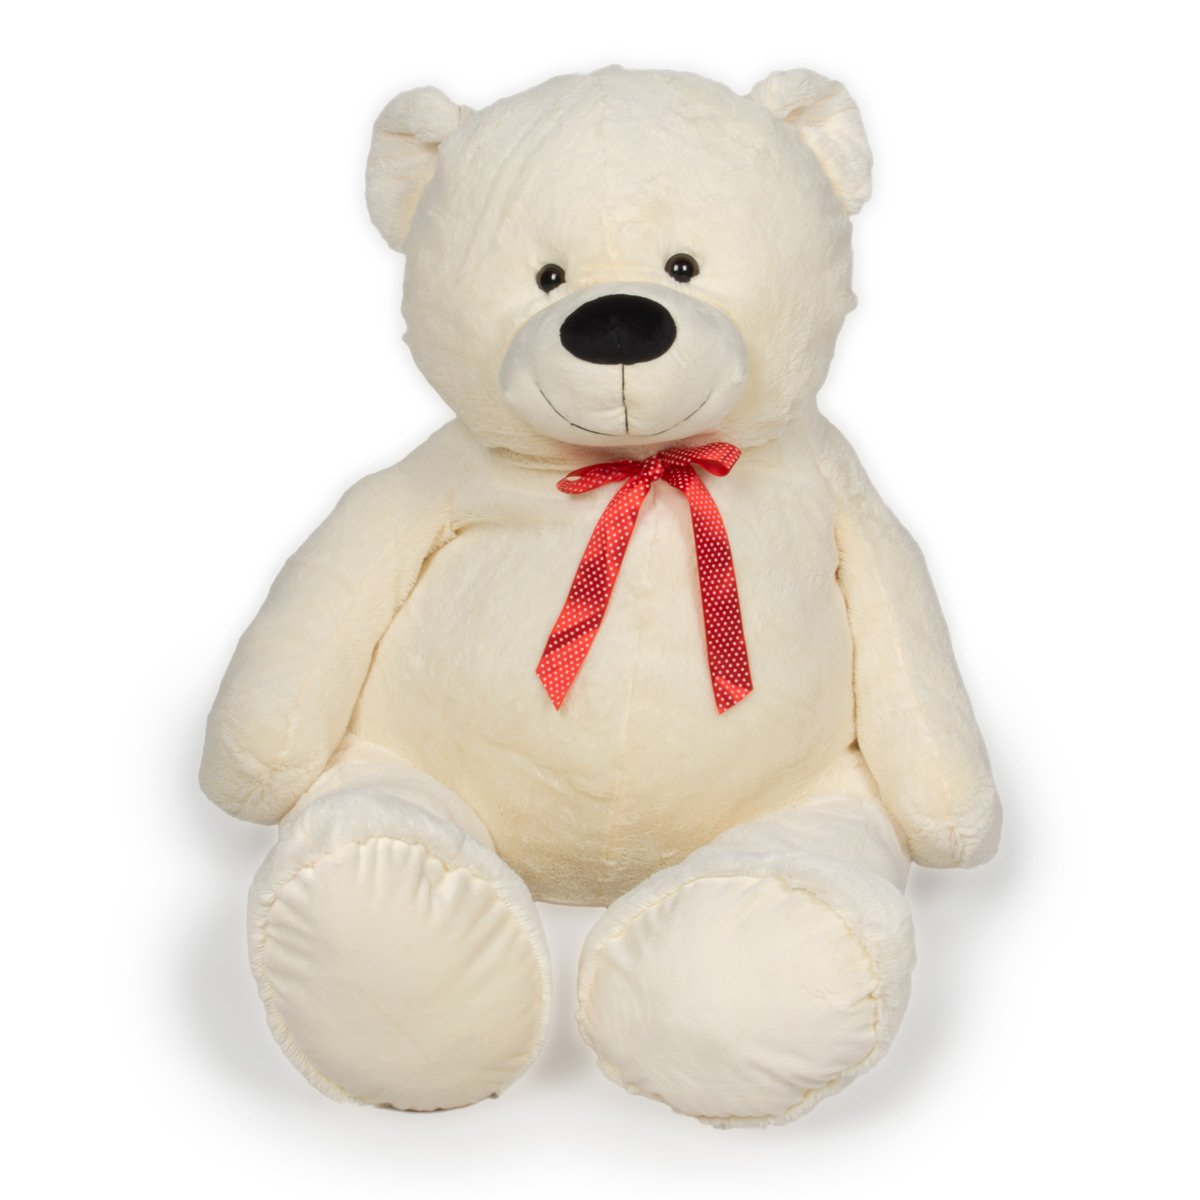 Berühmt Teddybär Färbung Seite Zeitgenössisch - Malvorlagen-Ideen ...